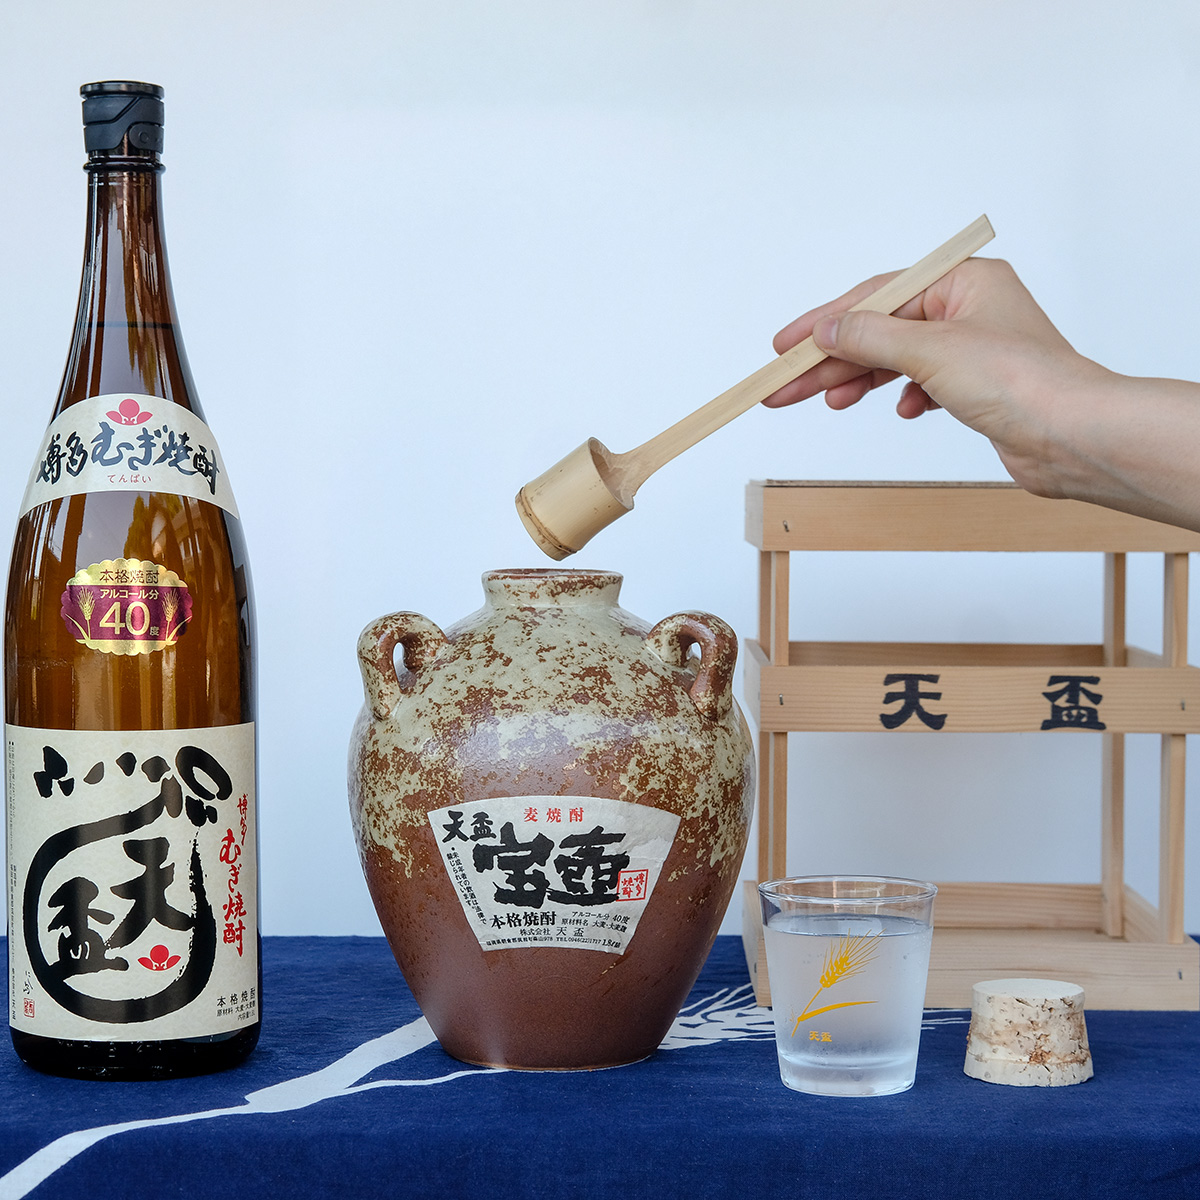 【ふるさと納税】天盃むぎ焼酎 汲み継ぎセット 宝壺・天盃40度1.8L